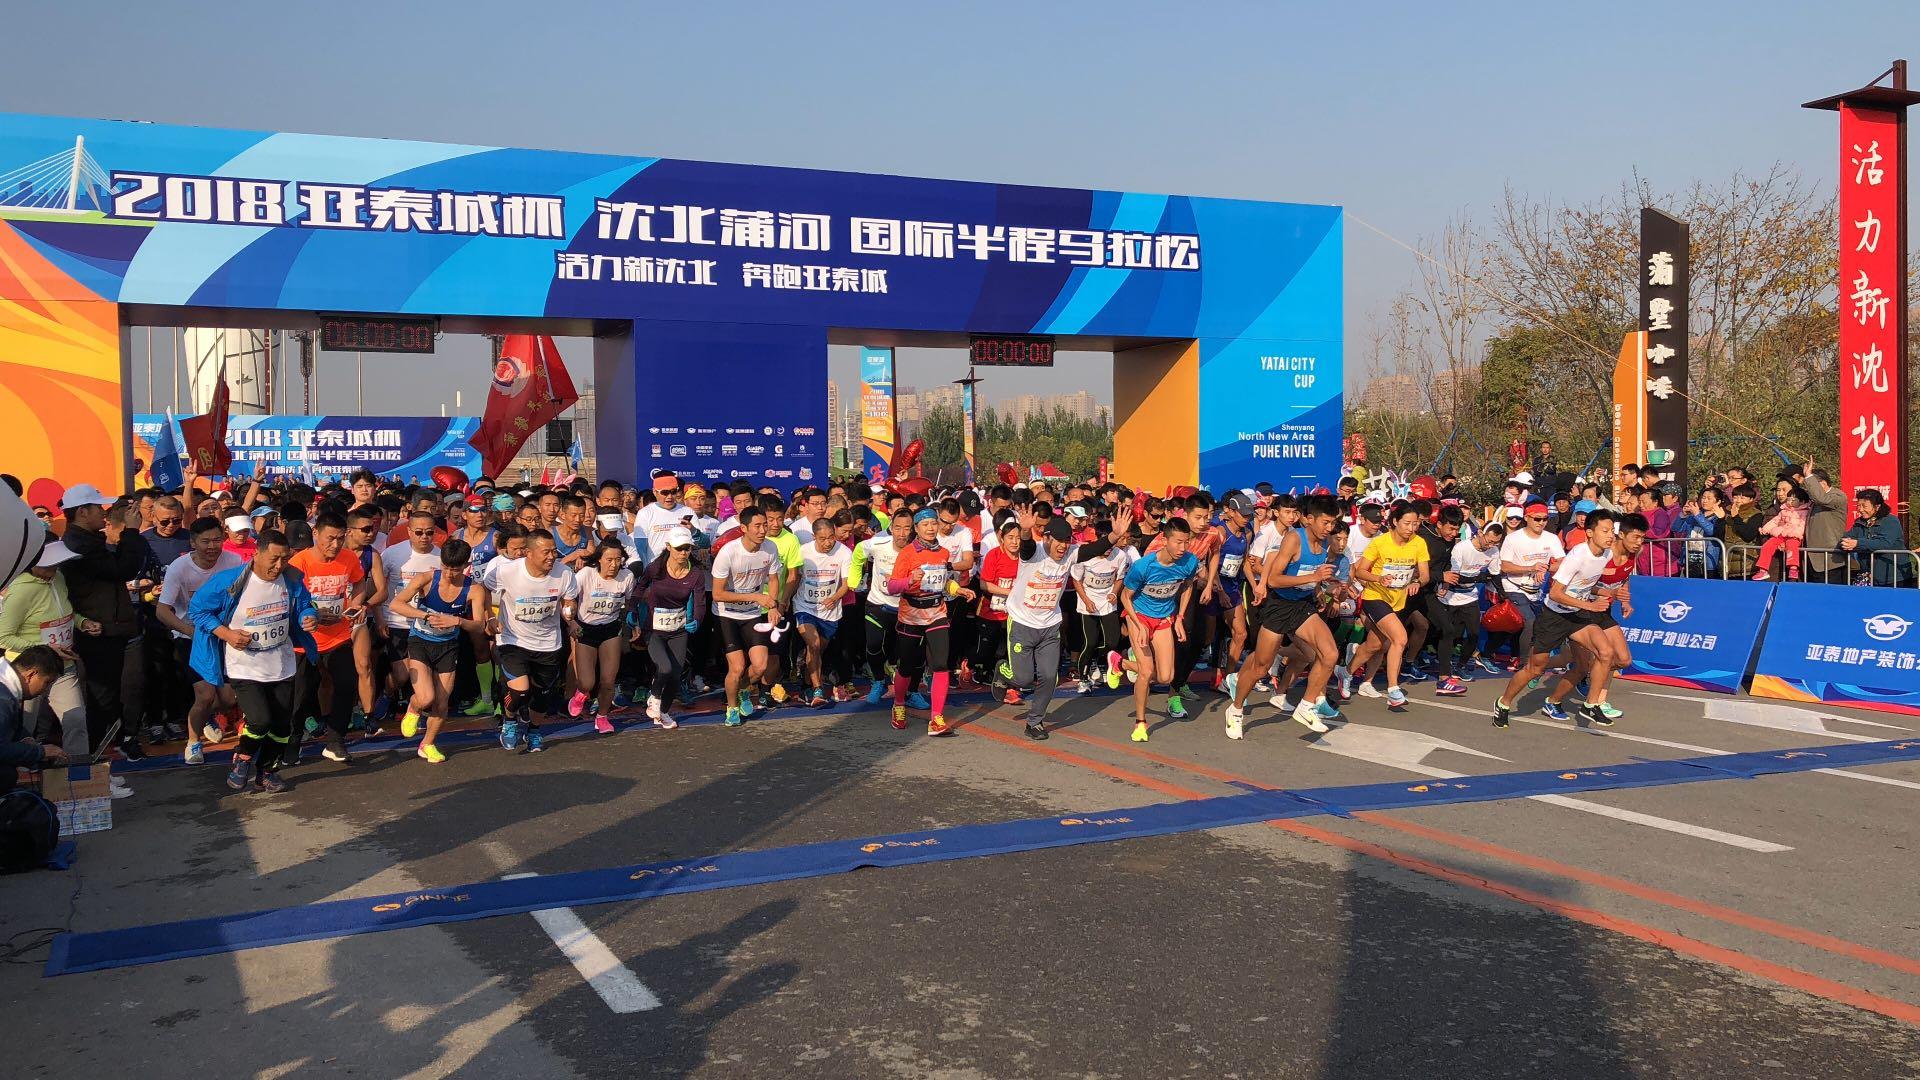 全民参与 4千名跑者用热情点燃蒲马赛道